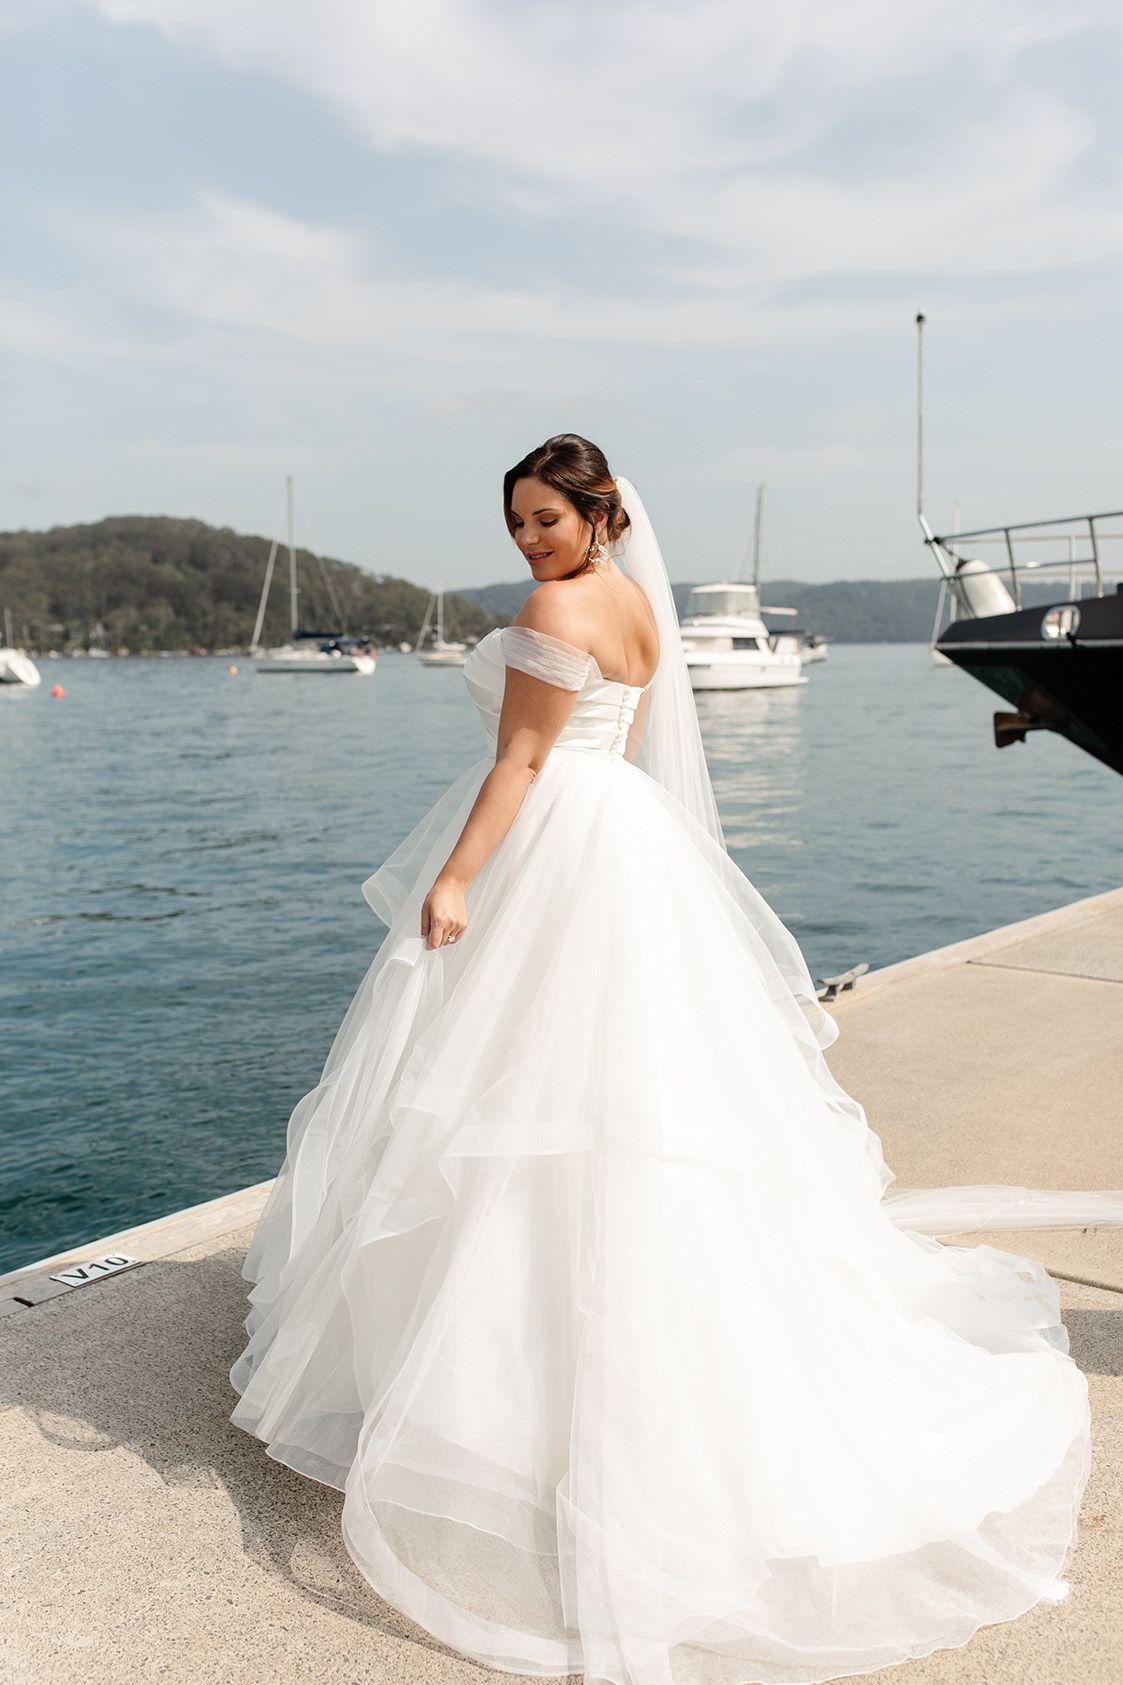 Davi Bridal Gown In 2020 Curvy Wedding Dress Bespoke Wedding Dress Wedding Dresses